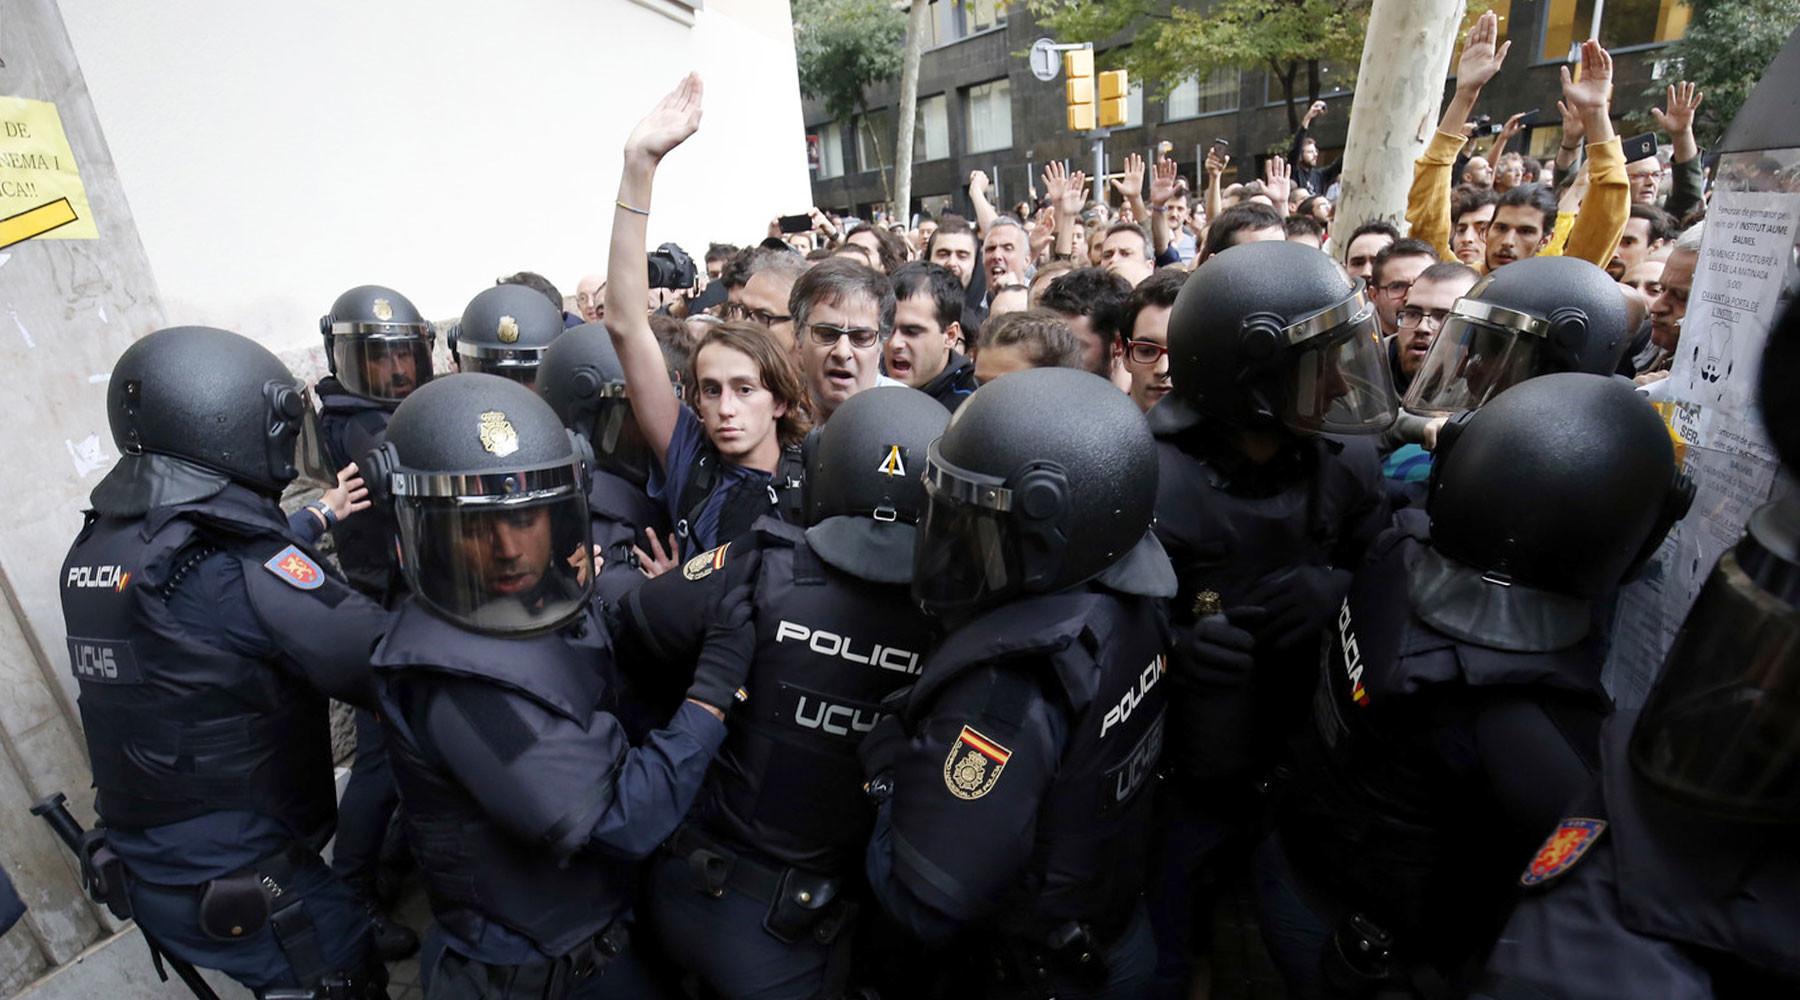 Ринкевичс: РФ использовала каталонский референдум для расколаЕС